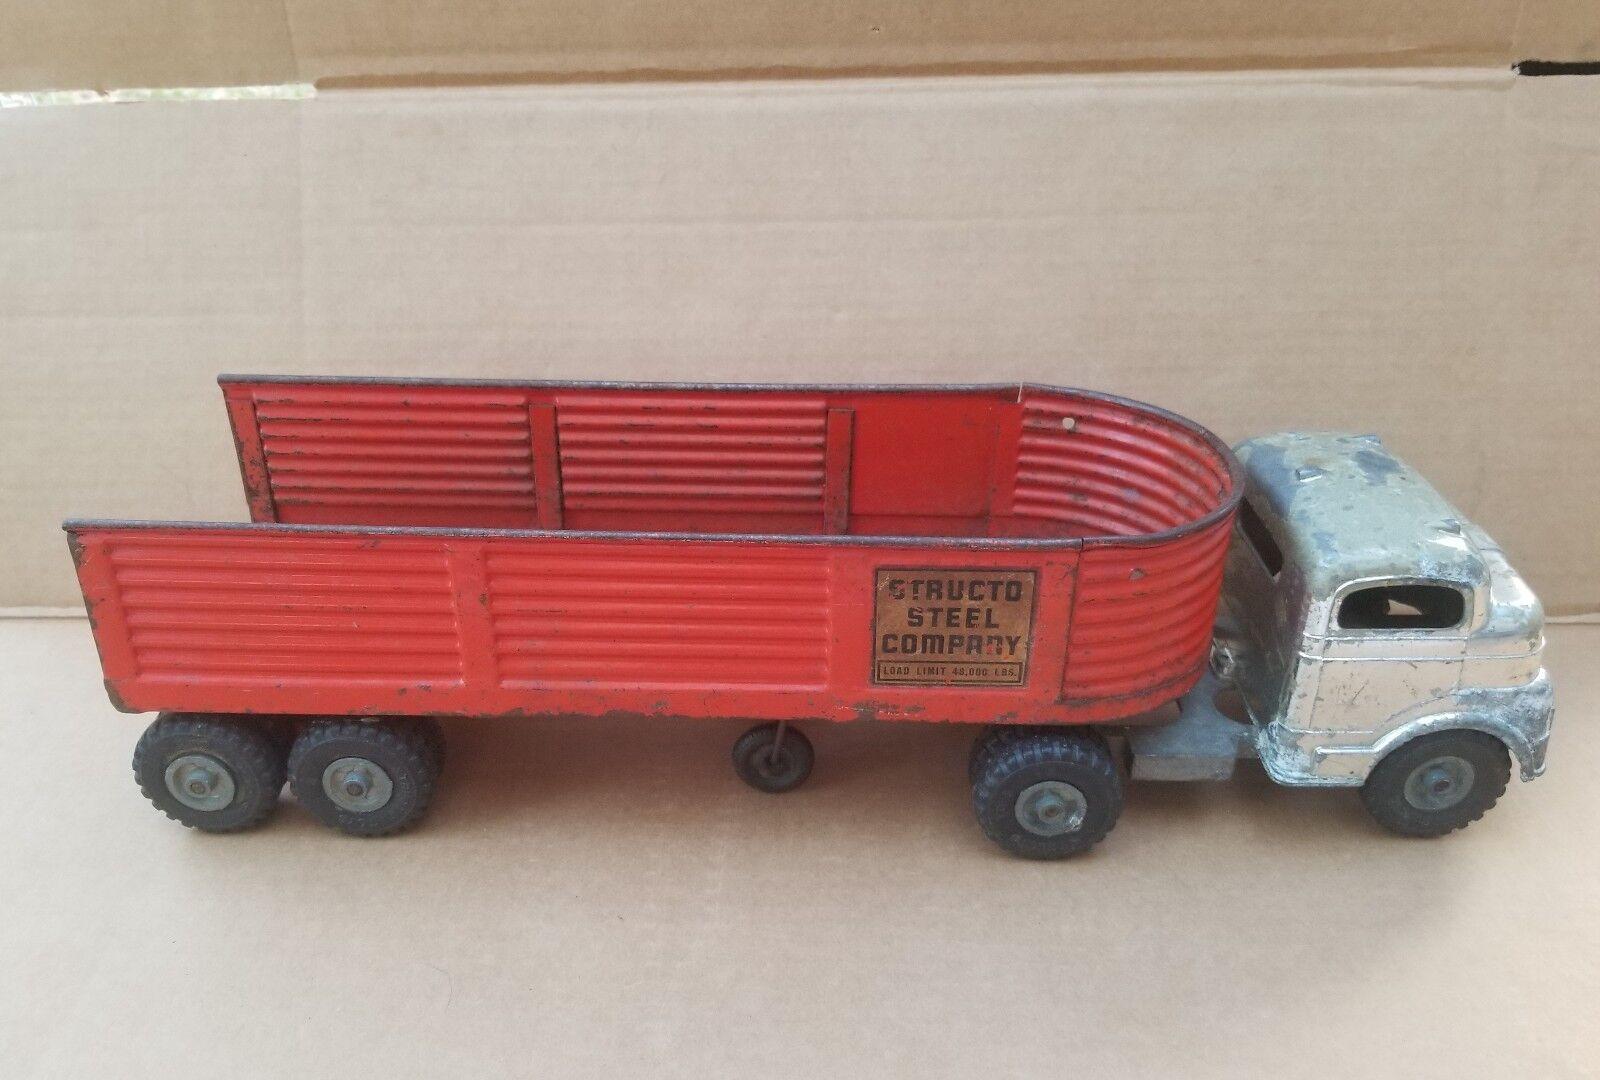 Vintage década de 1950 Structo Semi Cab & Structo Acero empresa Braddom Acero Prensado